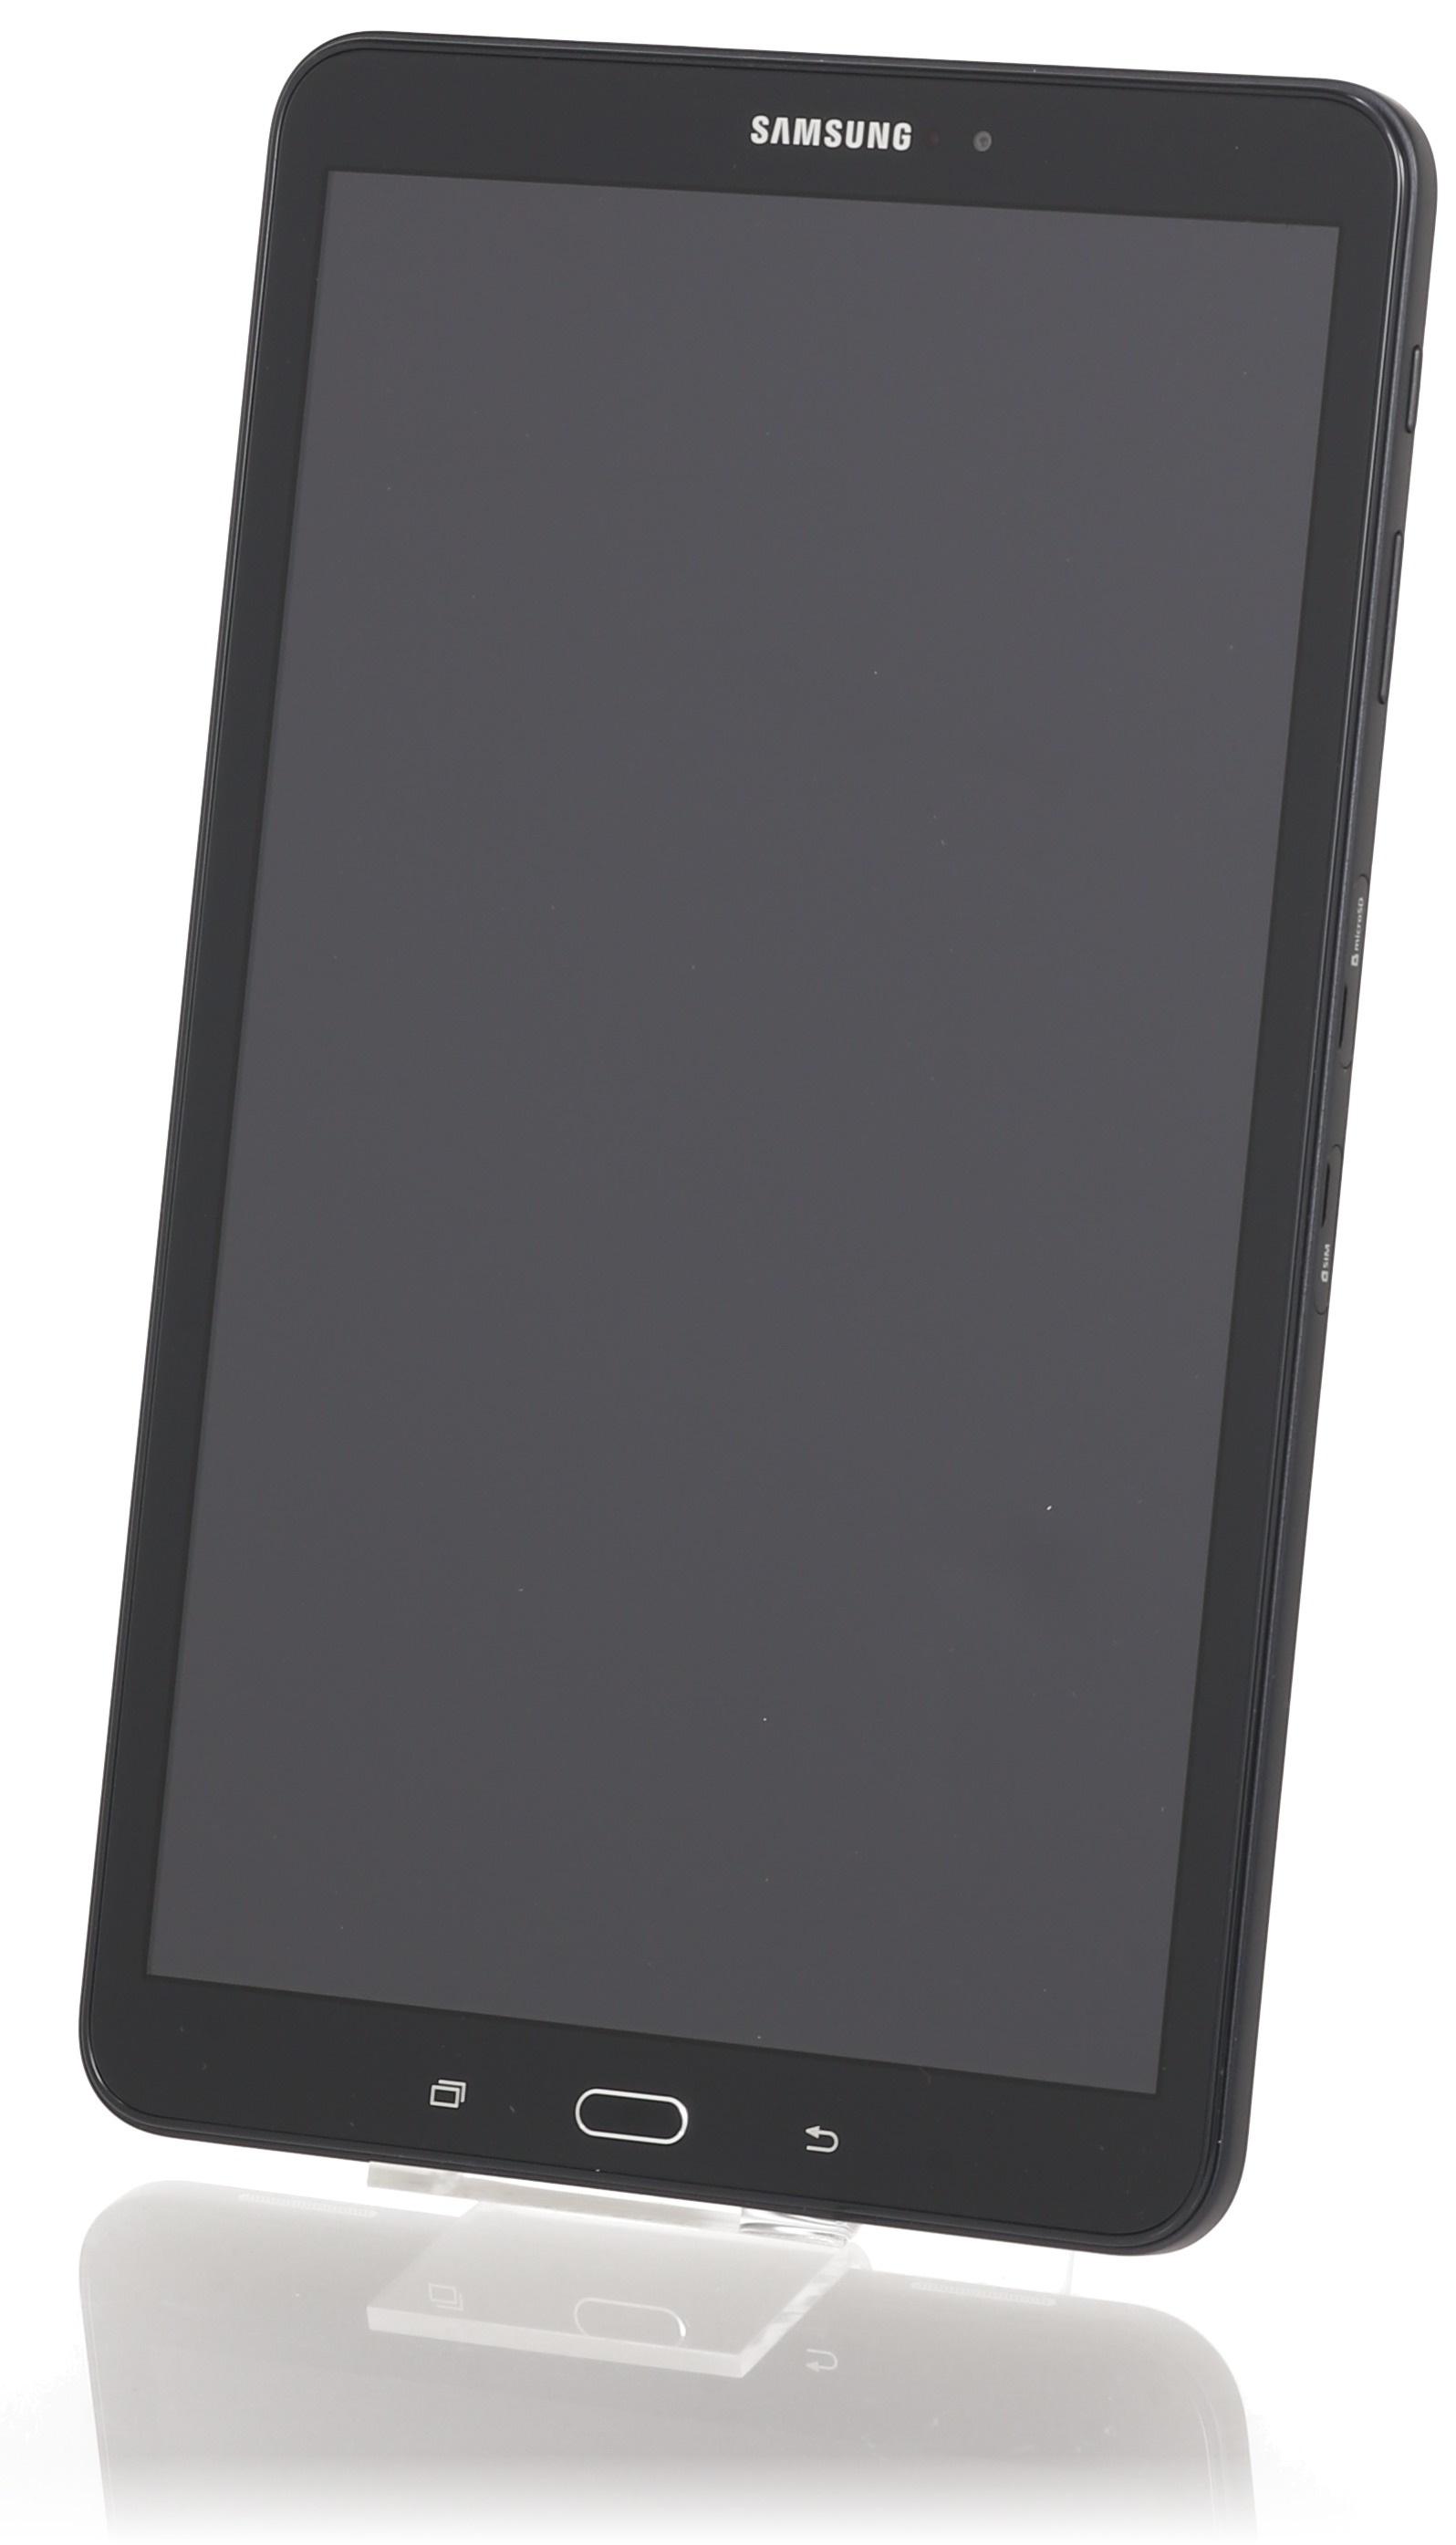 Samsung Galaxy Tab A 10.1 10,1 16GB [Wi-Fi + 4G] schwarz